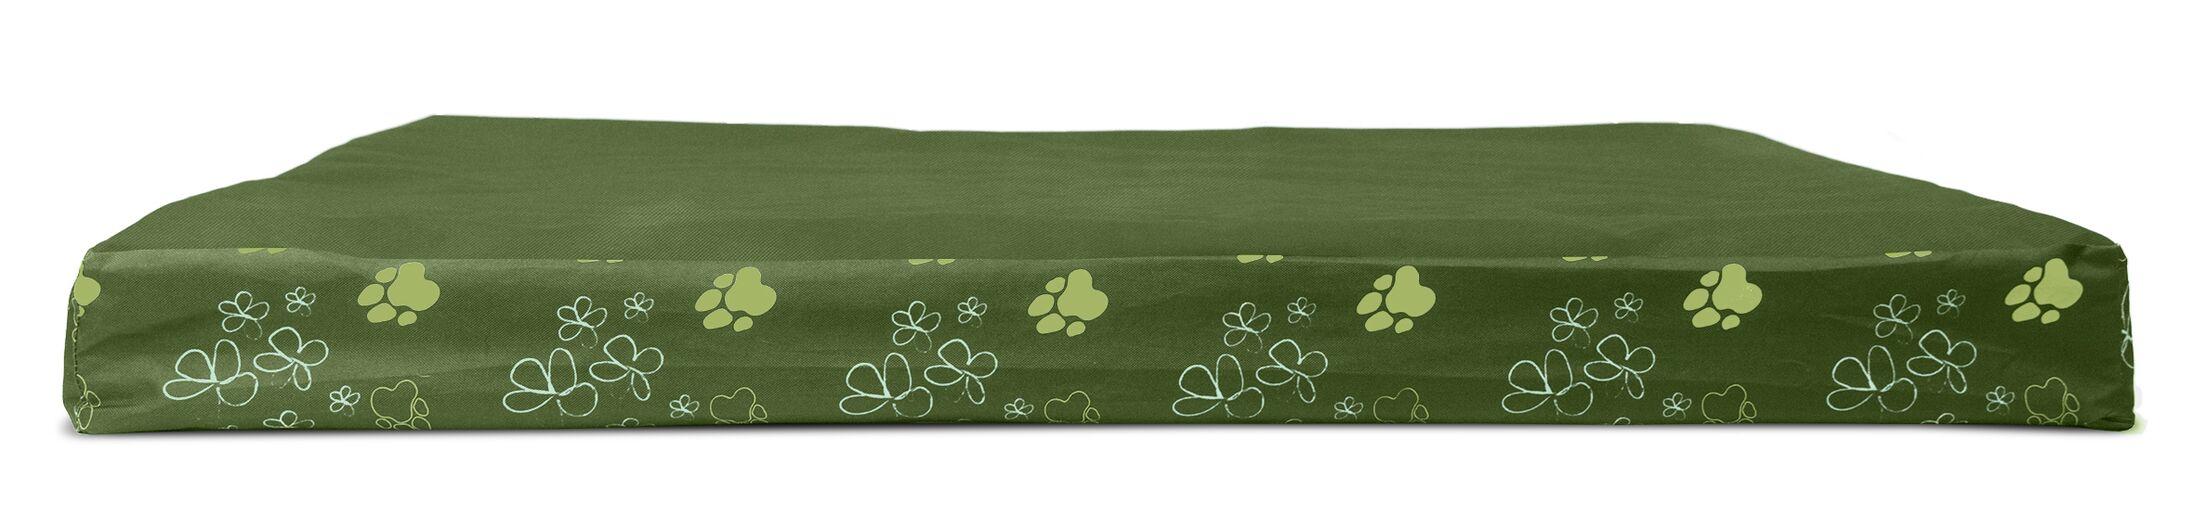 Dexter Garden Indoor/Outdoor Cooling Gel Top Dog Pad Color: Jungle Green